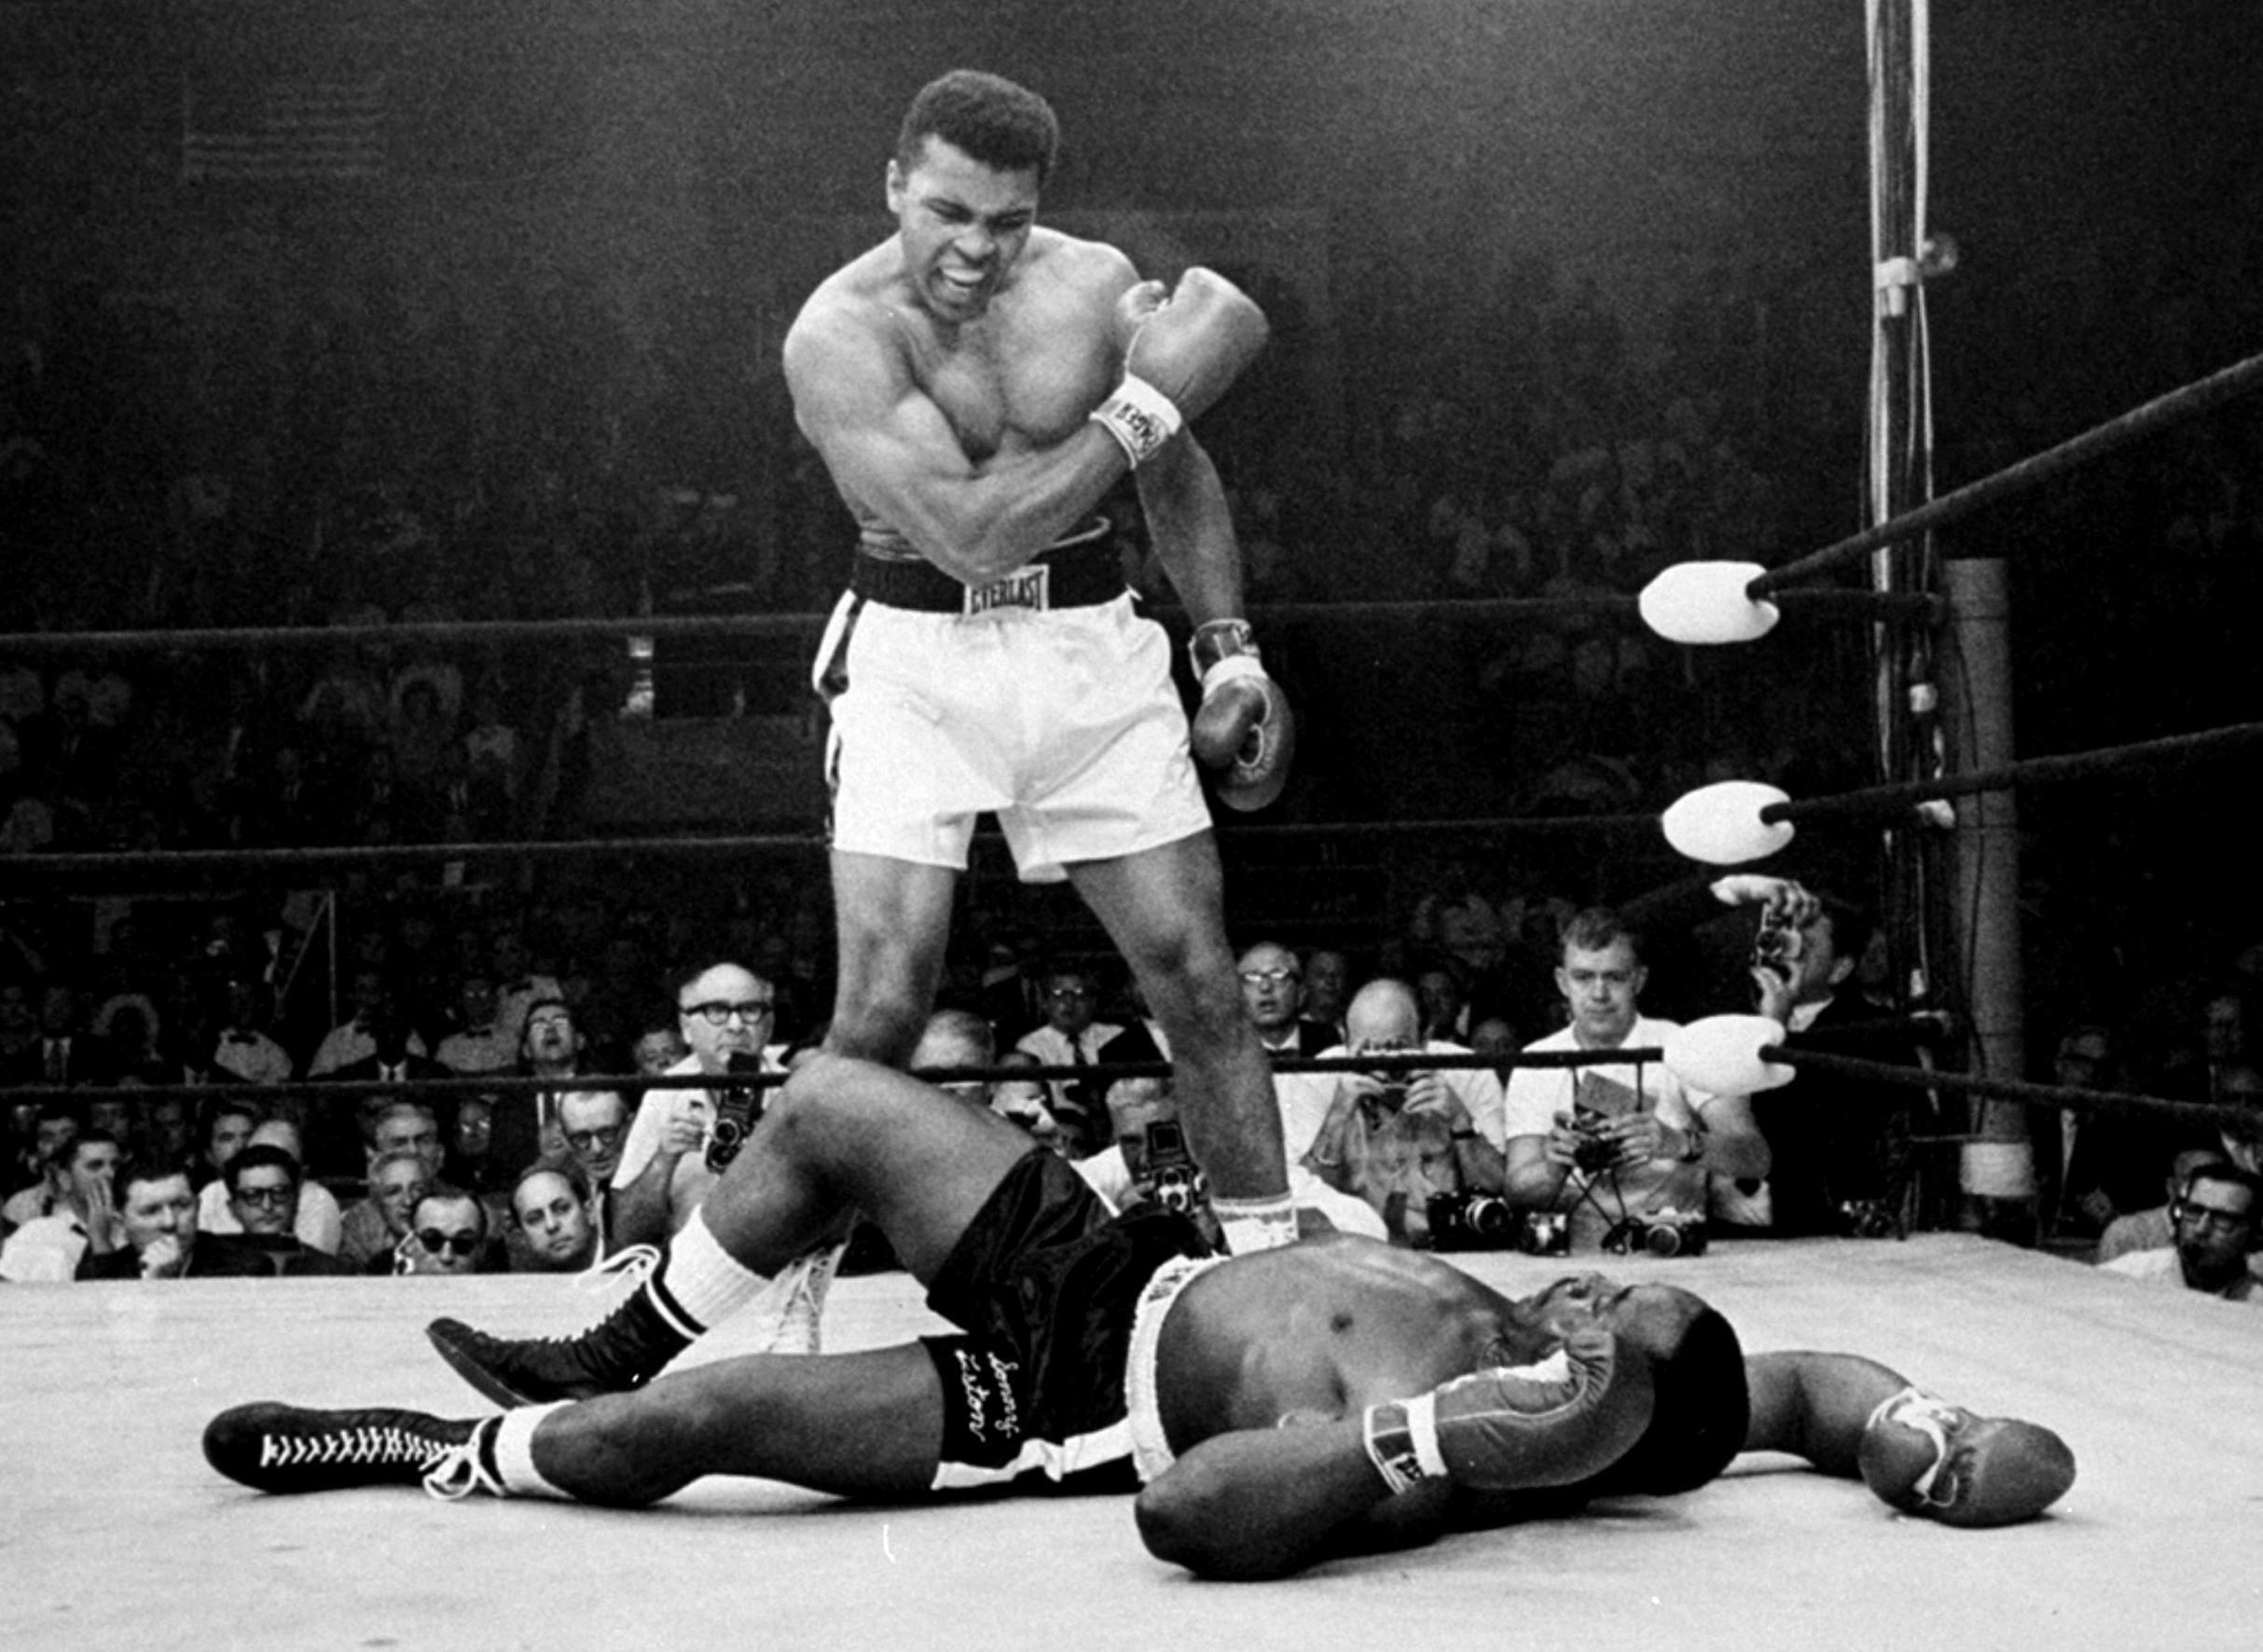 Mohamed Ali terrasse Sonny Liston le 25 mai 1965 à Lewiston, dans le Maine.